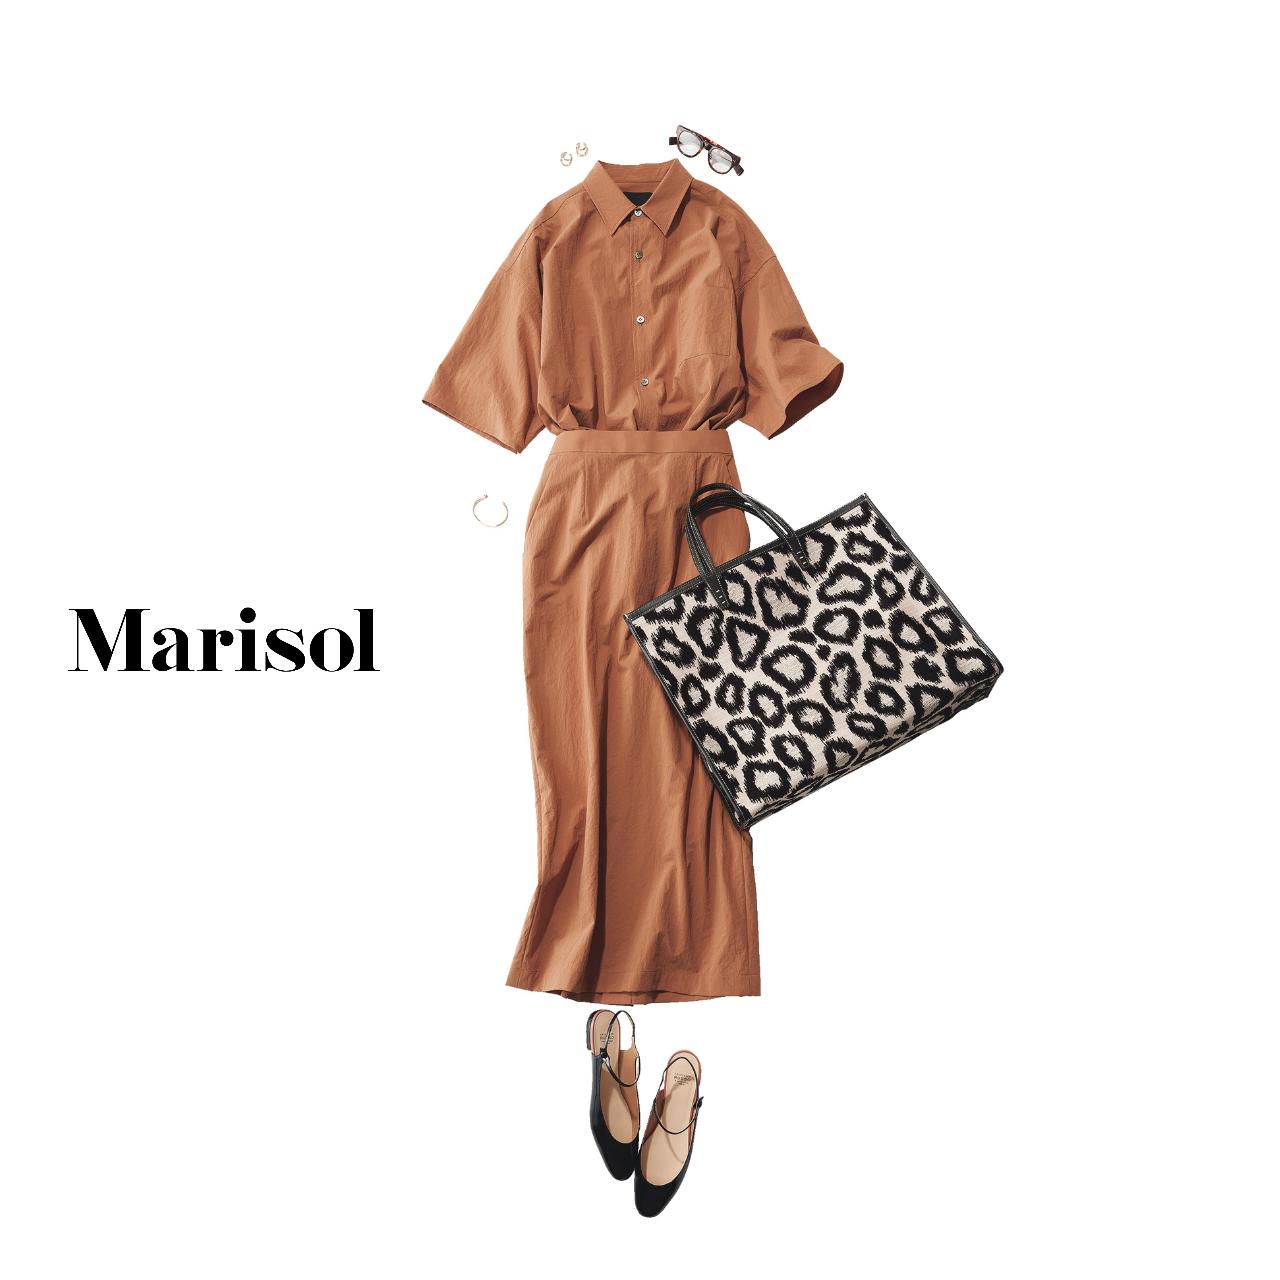 40代ファッション シャツ×スカートコーデ